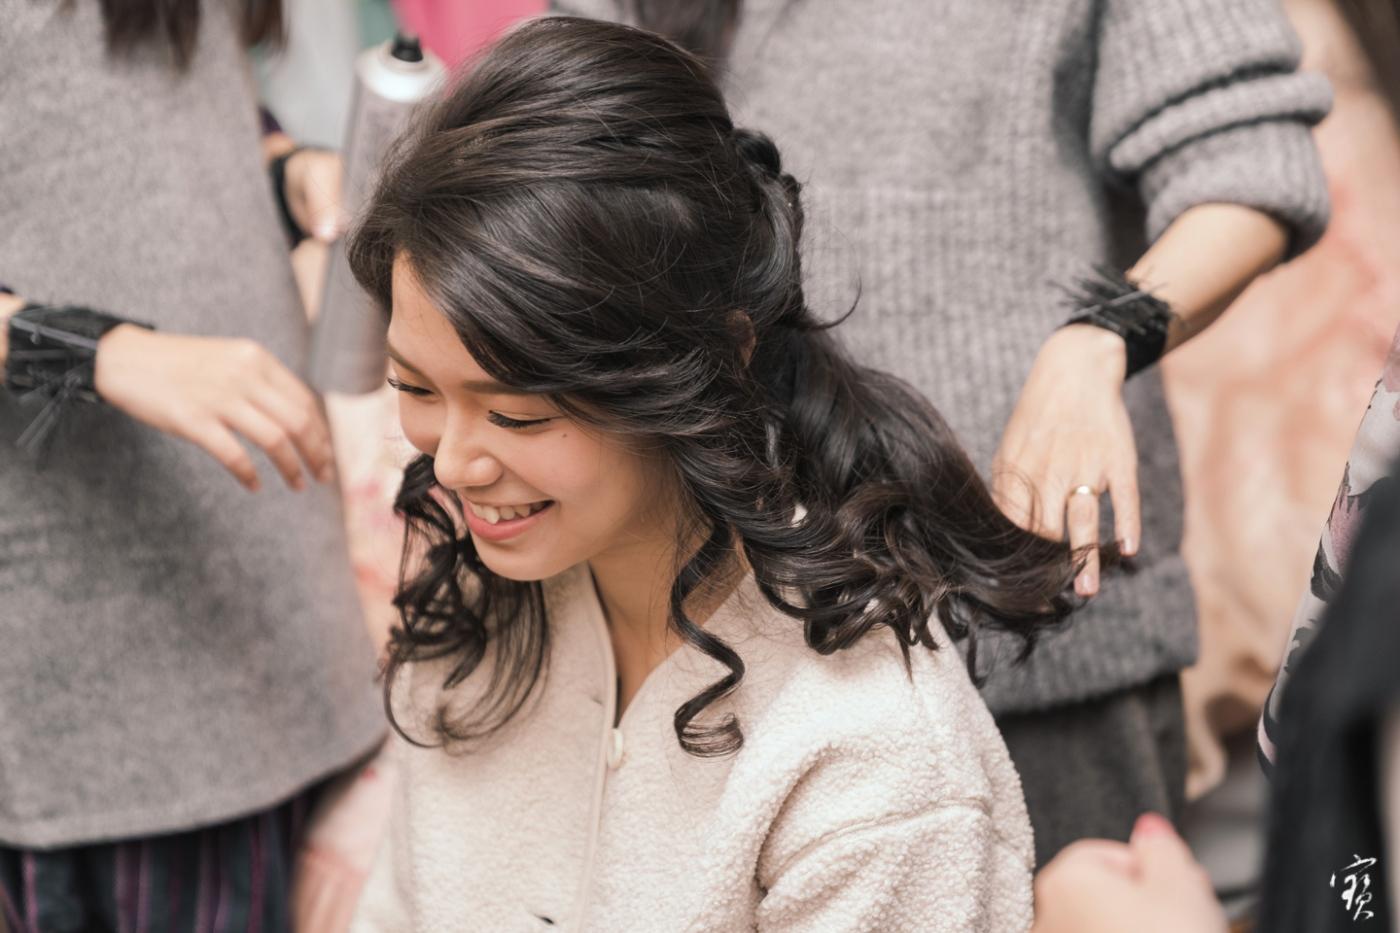 婚禮攝影 婚紗 大直 典華 冬半影像 攝影師大寶 北部攝影 台北攝影 桃園攝影 新竹攝影20181208-7